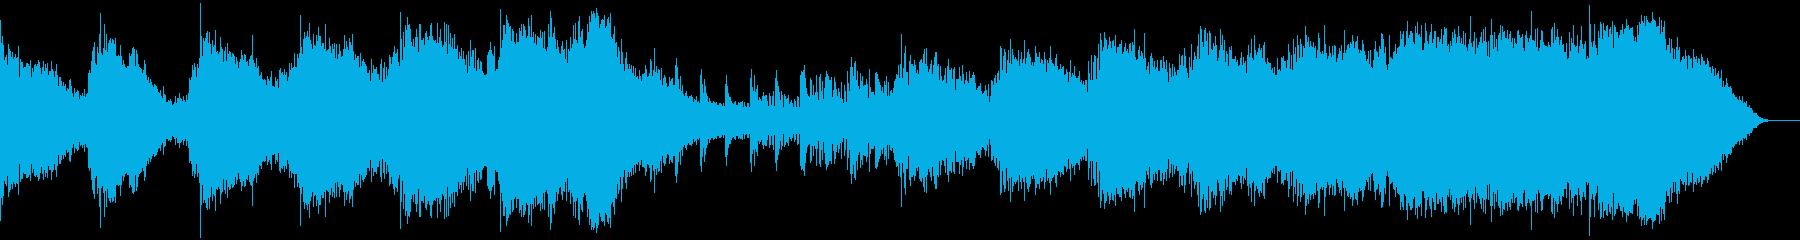 映画のトレイラーやPVの壮大な音源 の再生済みの波形